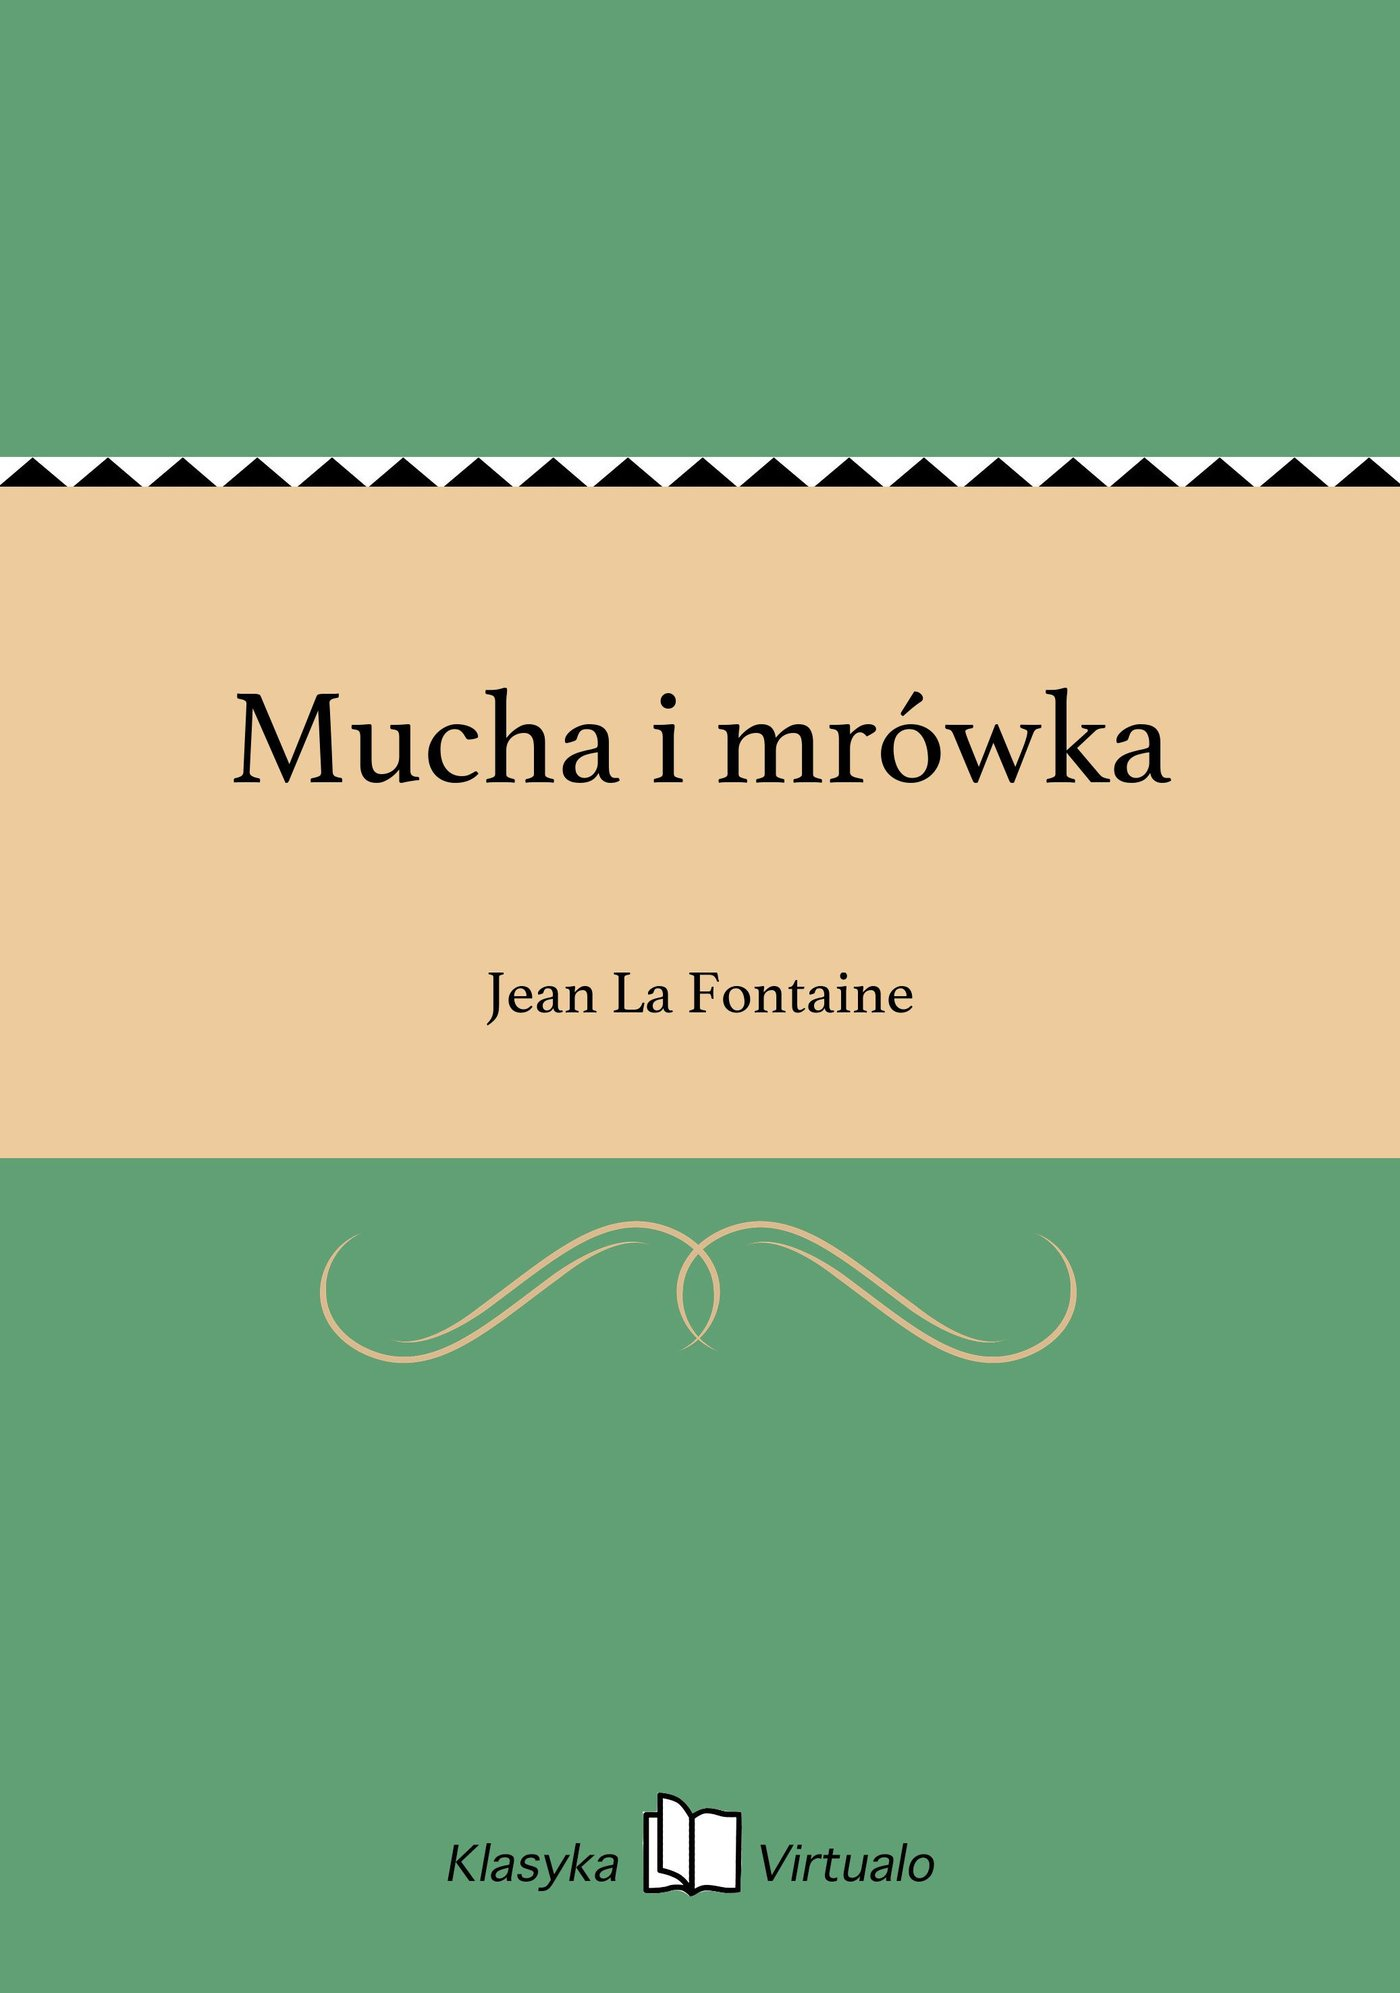 Mucha i mrówka - Ebook (Książka EPUB) do pobrania w formacie EPUB